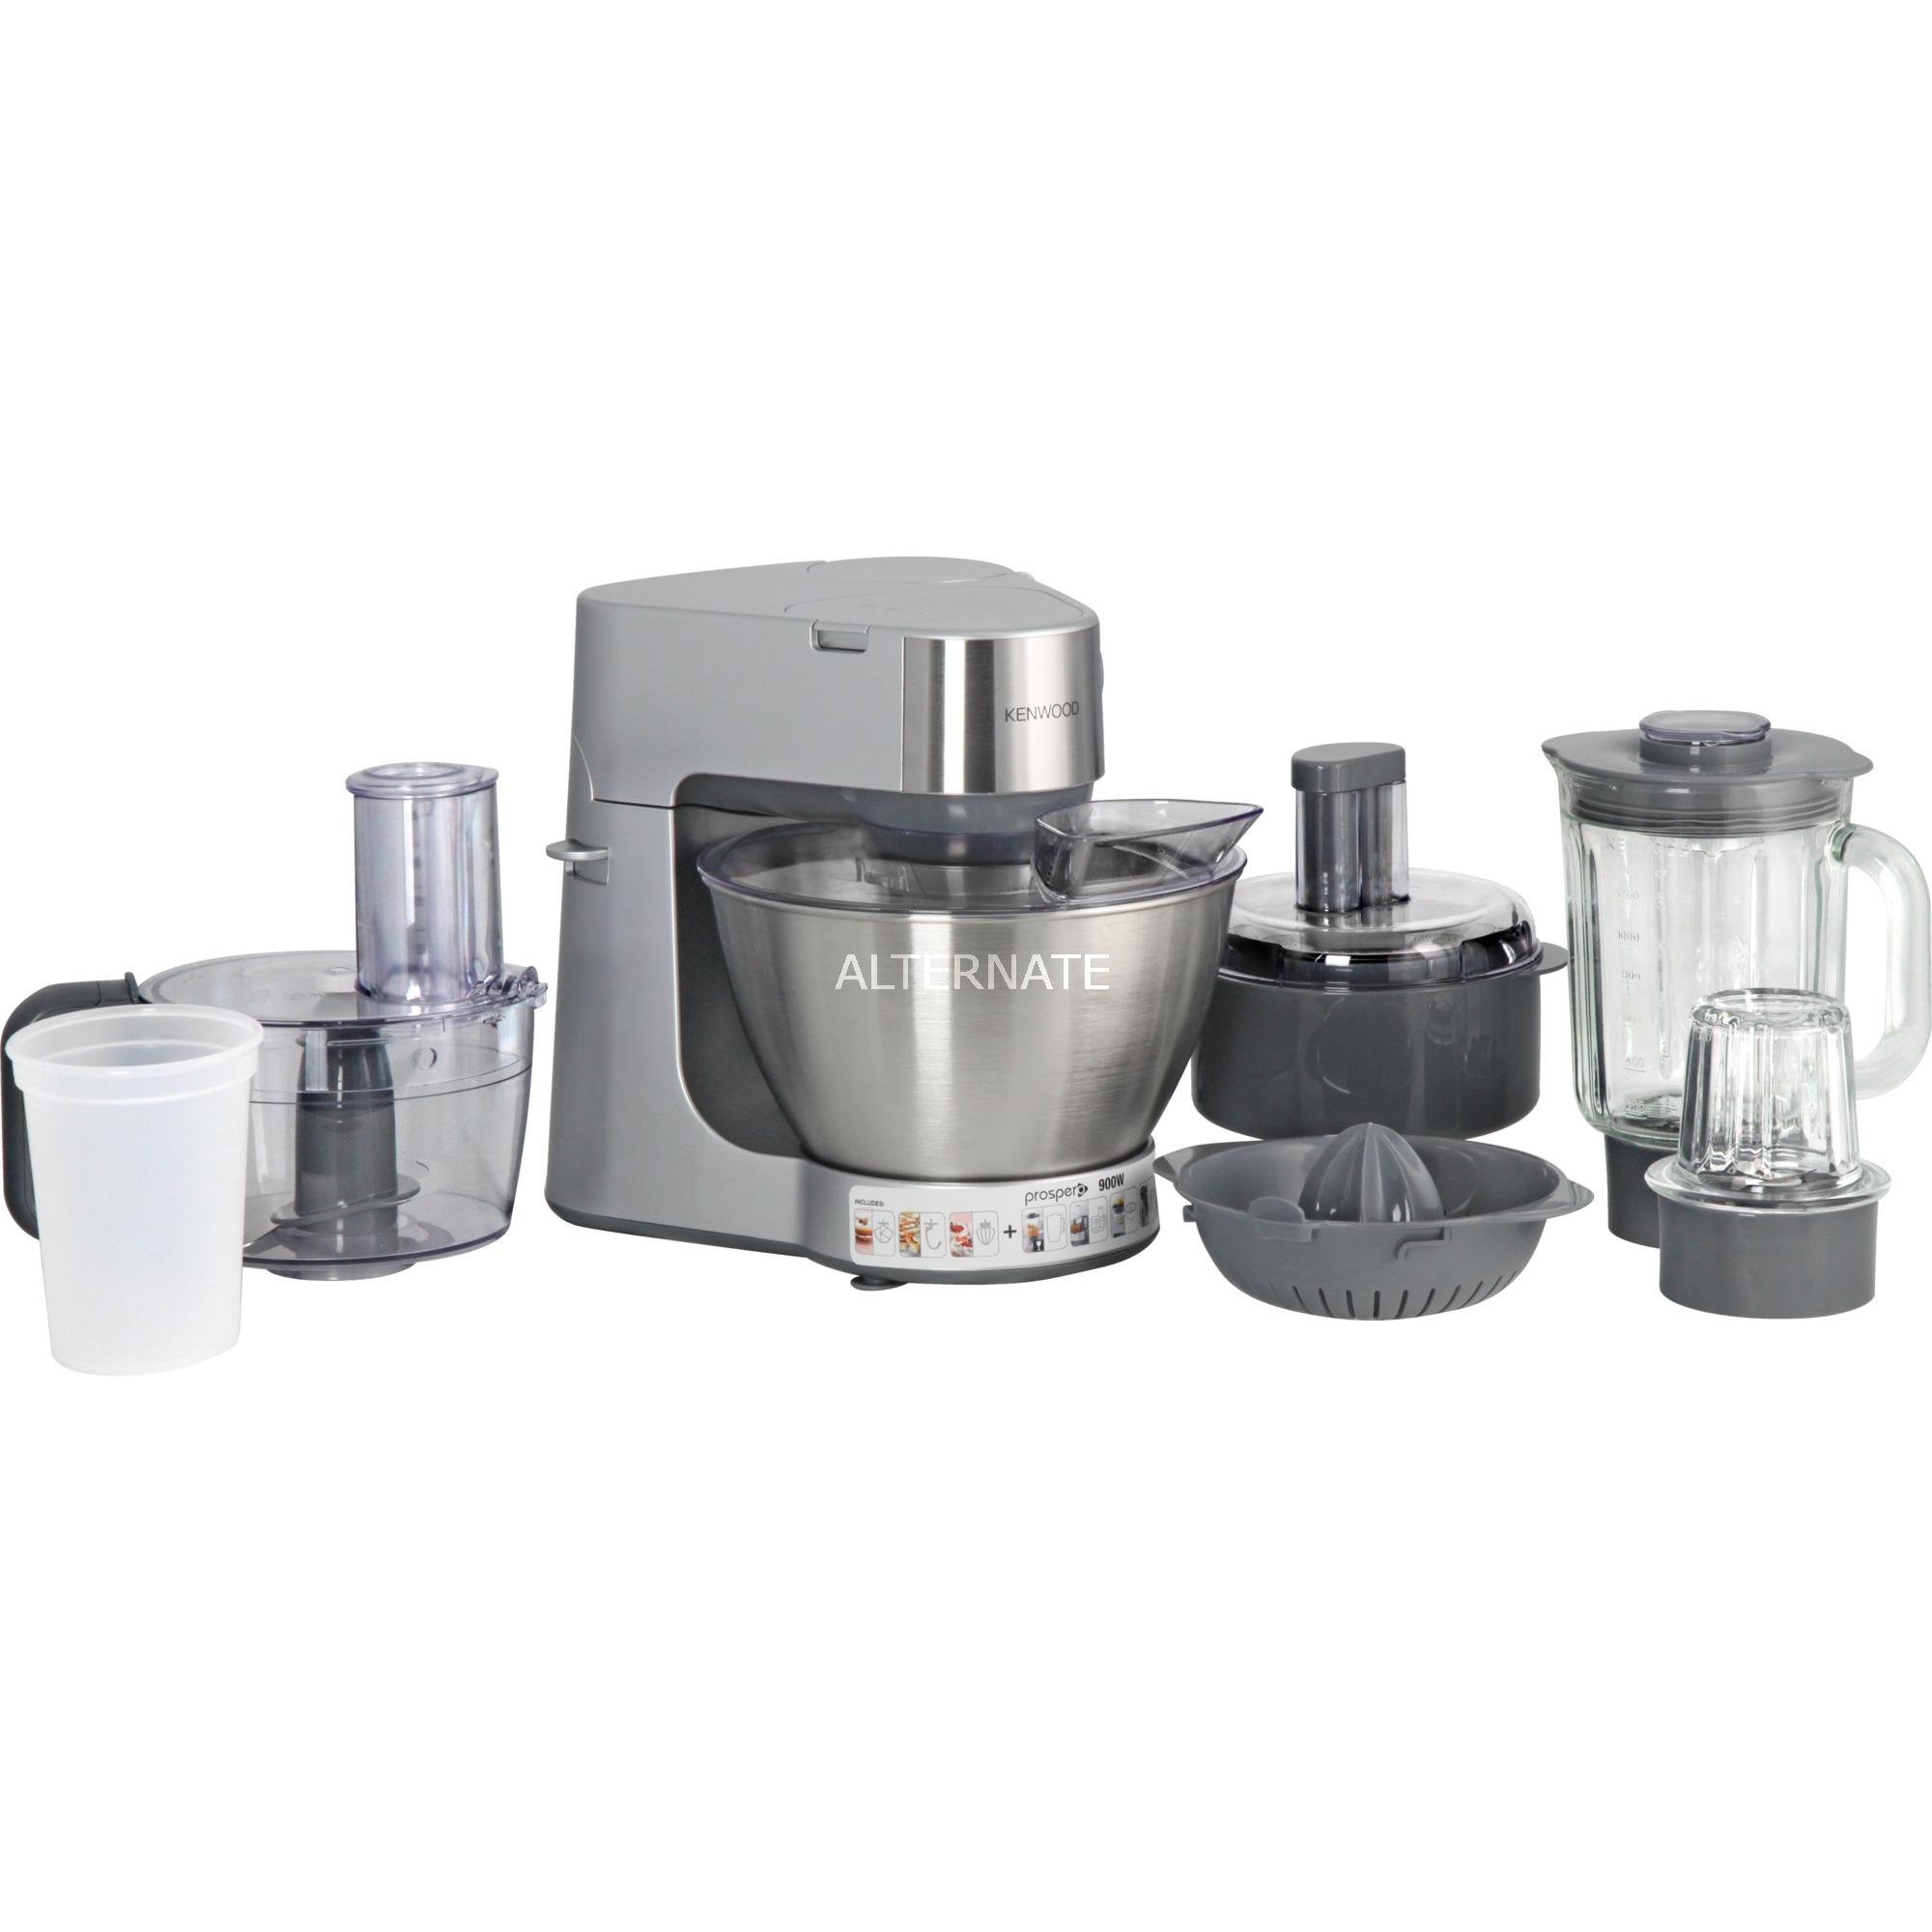 Ziemlich Küchengerät Pauschalangebote Home Depot Bilder - Ideen Für ...